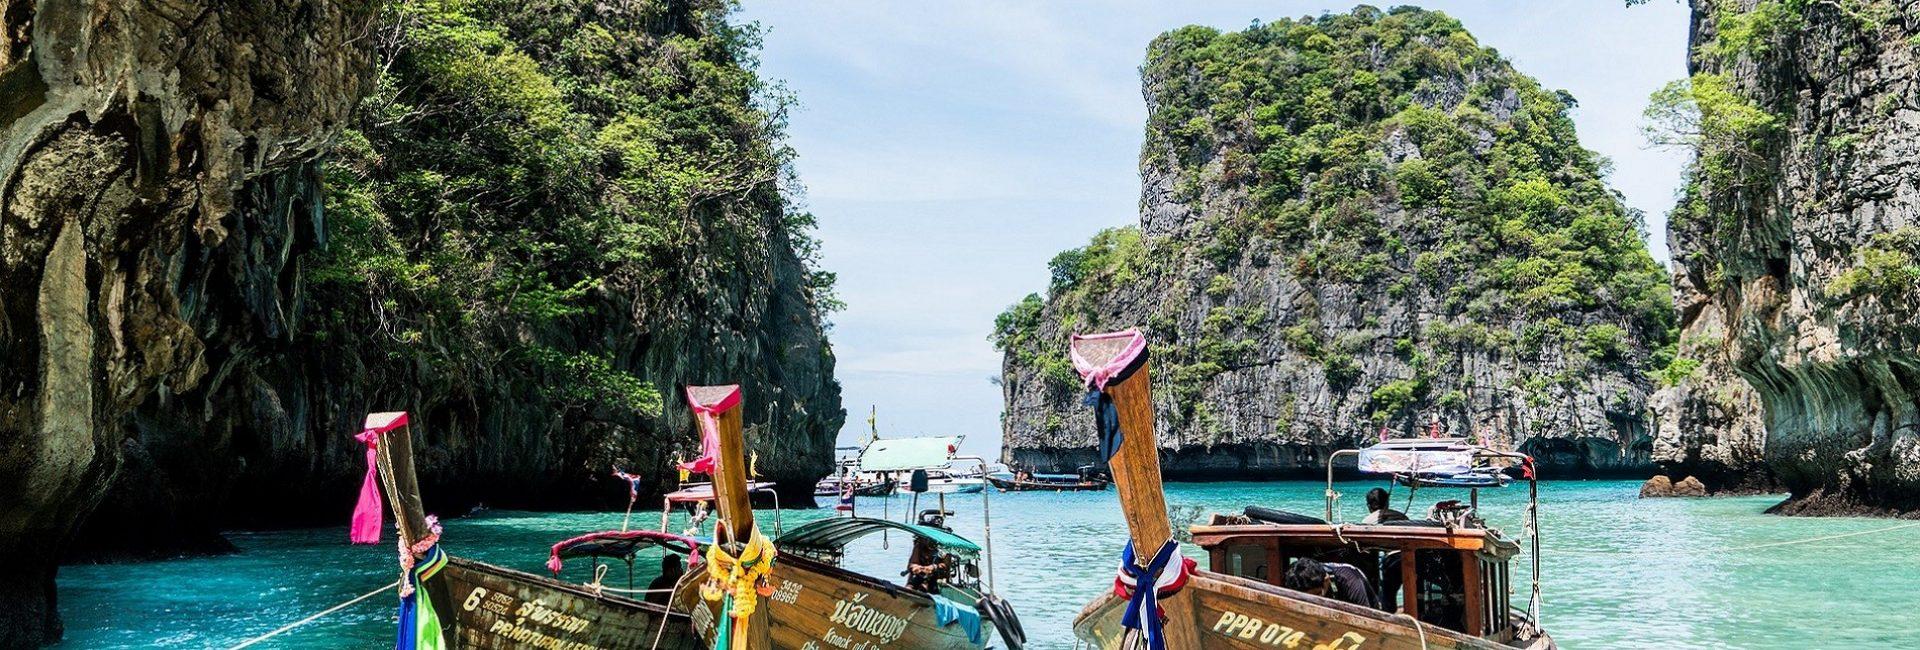 Putovanje na Tajland je tropski bijeg za hedoniste i pustinjake, prinčeve i siromahe.